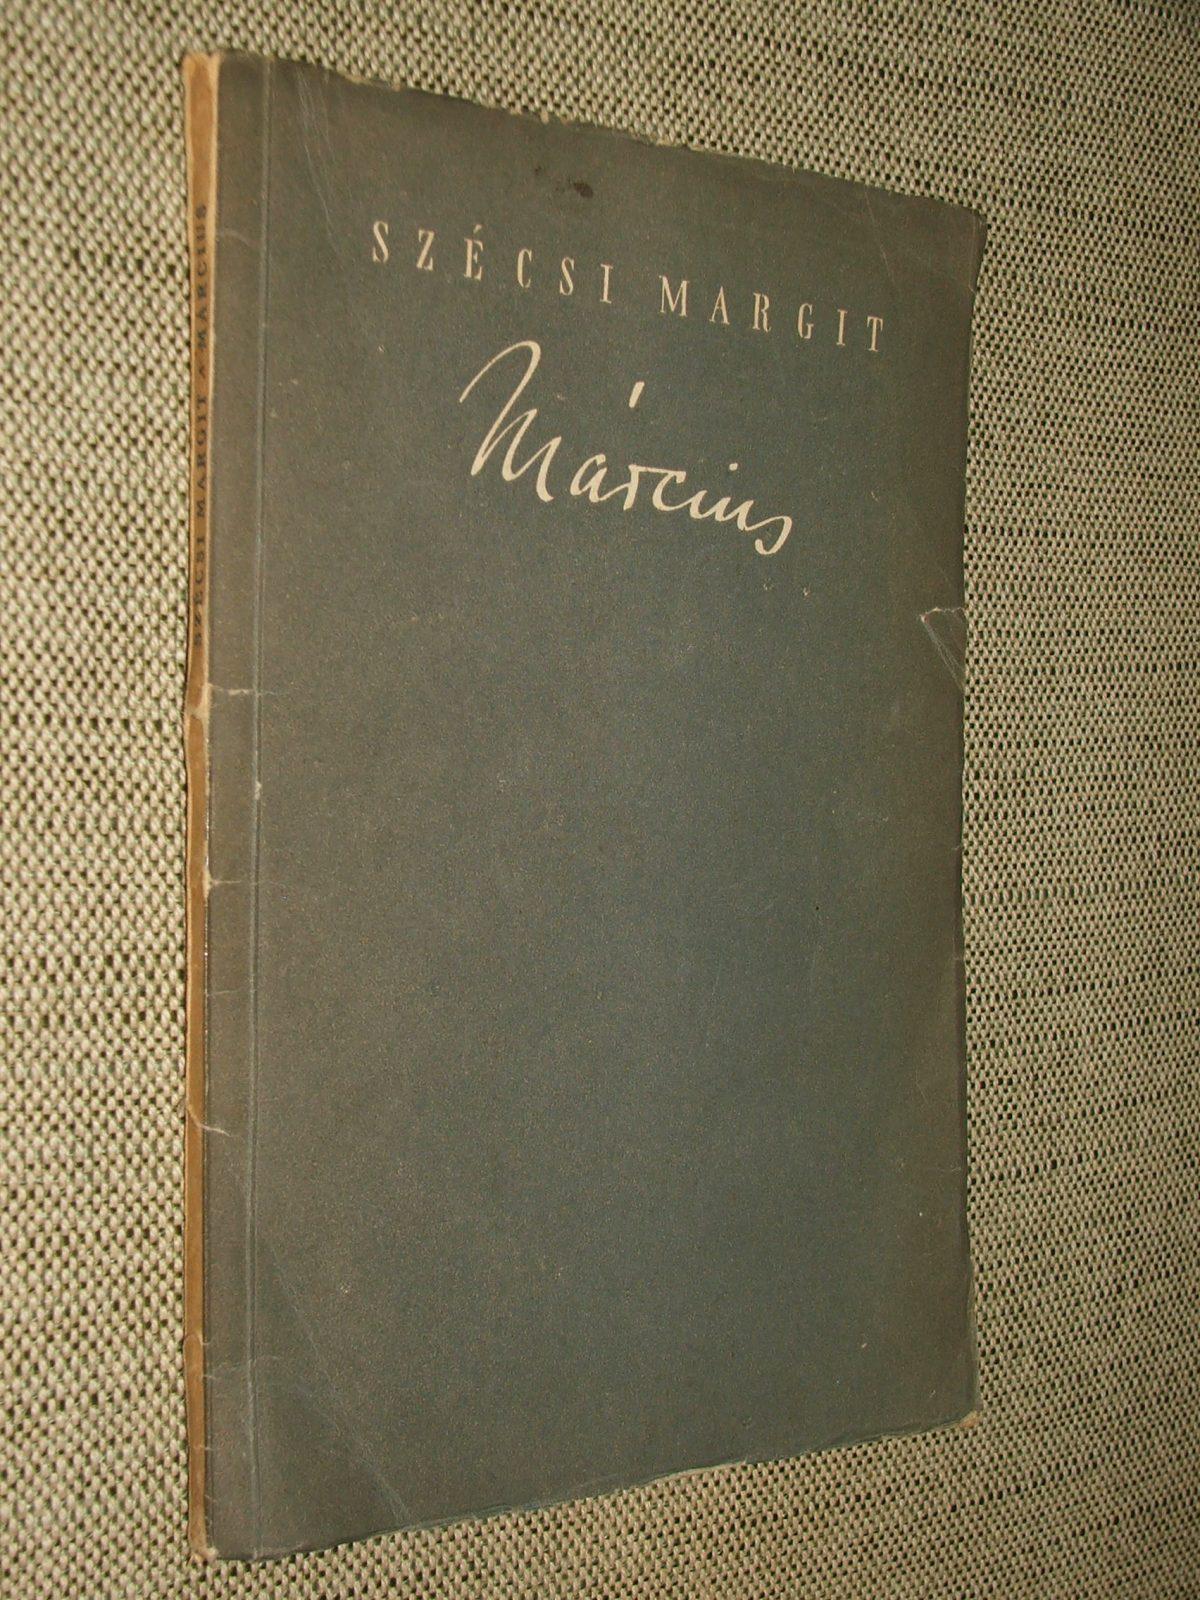 SZÉCSI Margit: Március